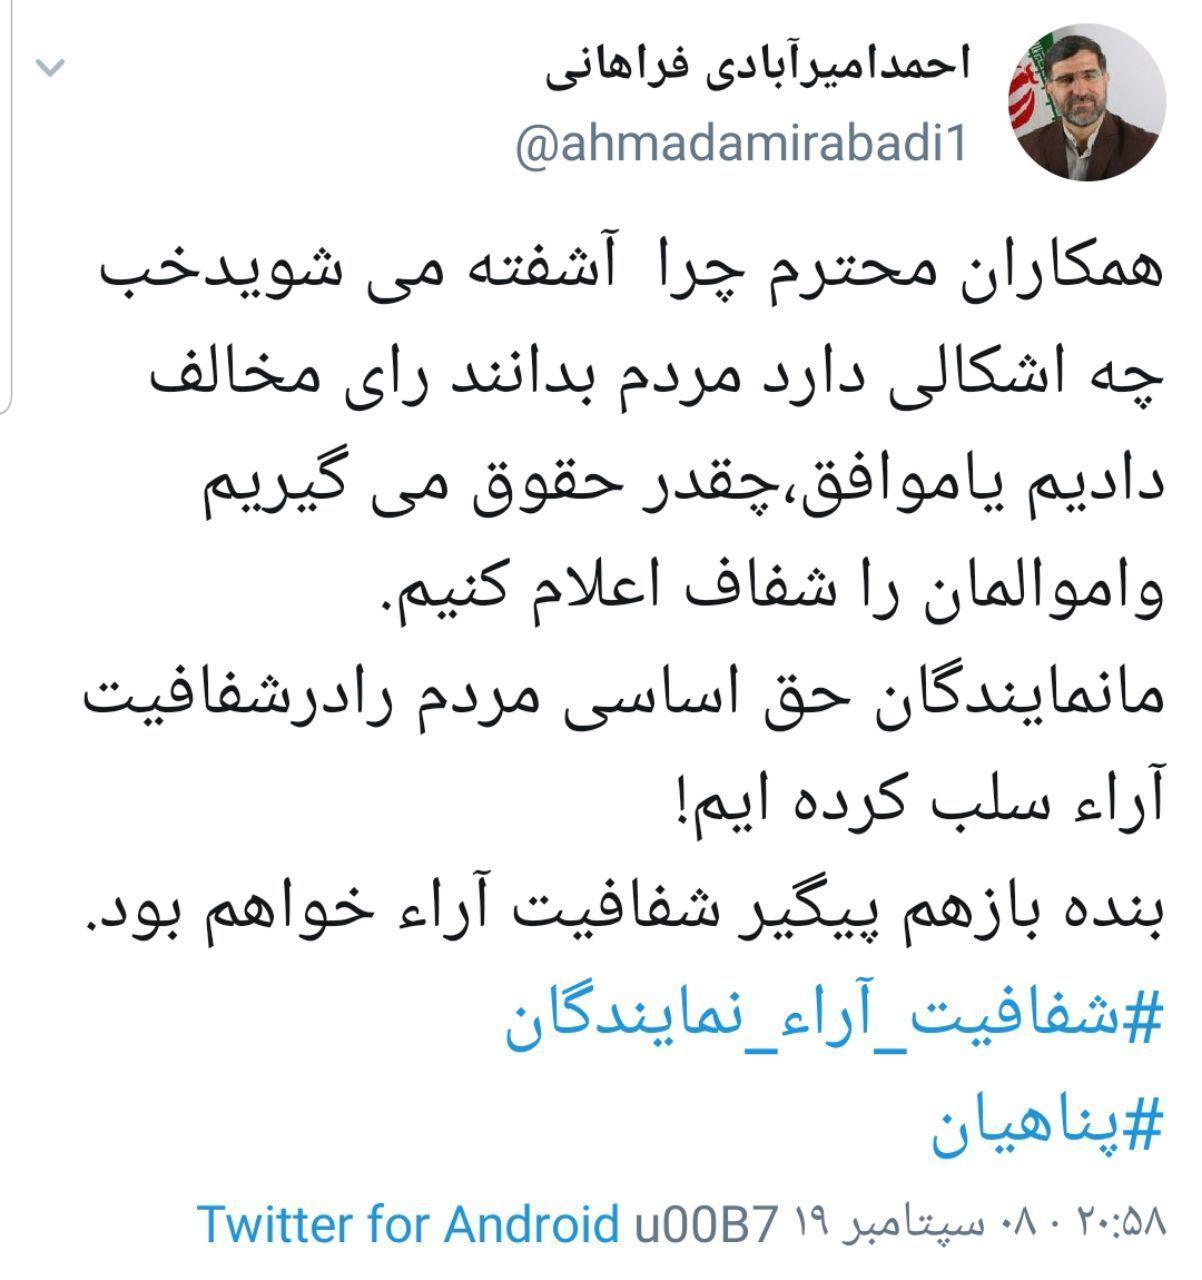 امیرآبادی، عضو هیئت رئیسه مجلس: چرا همکاران آشفته شدند؟/ چه اشکالی دارد مردم بدانند رای مخالف یا موافق دادیم یا چقدر حقوق میگیریم؟